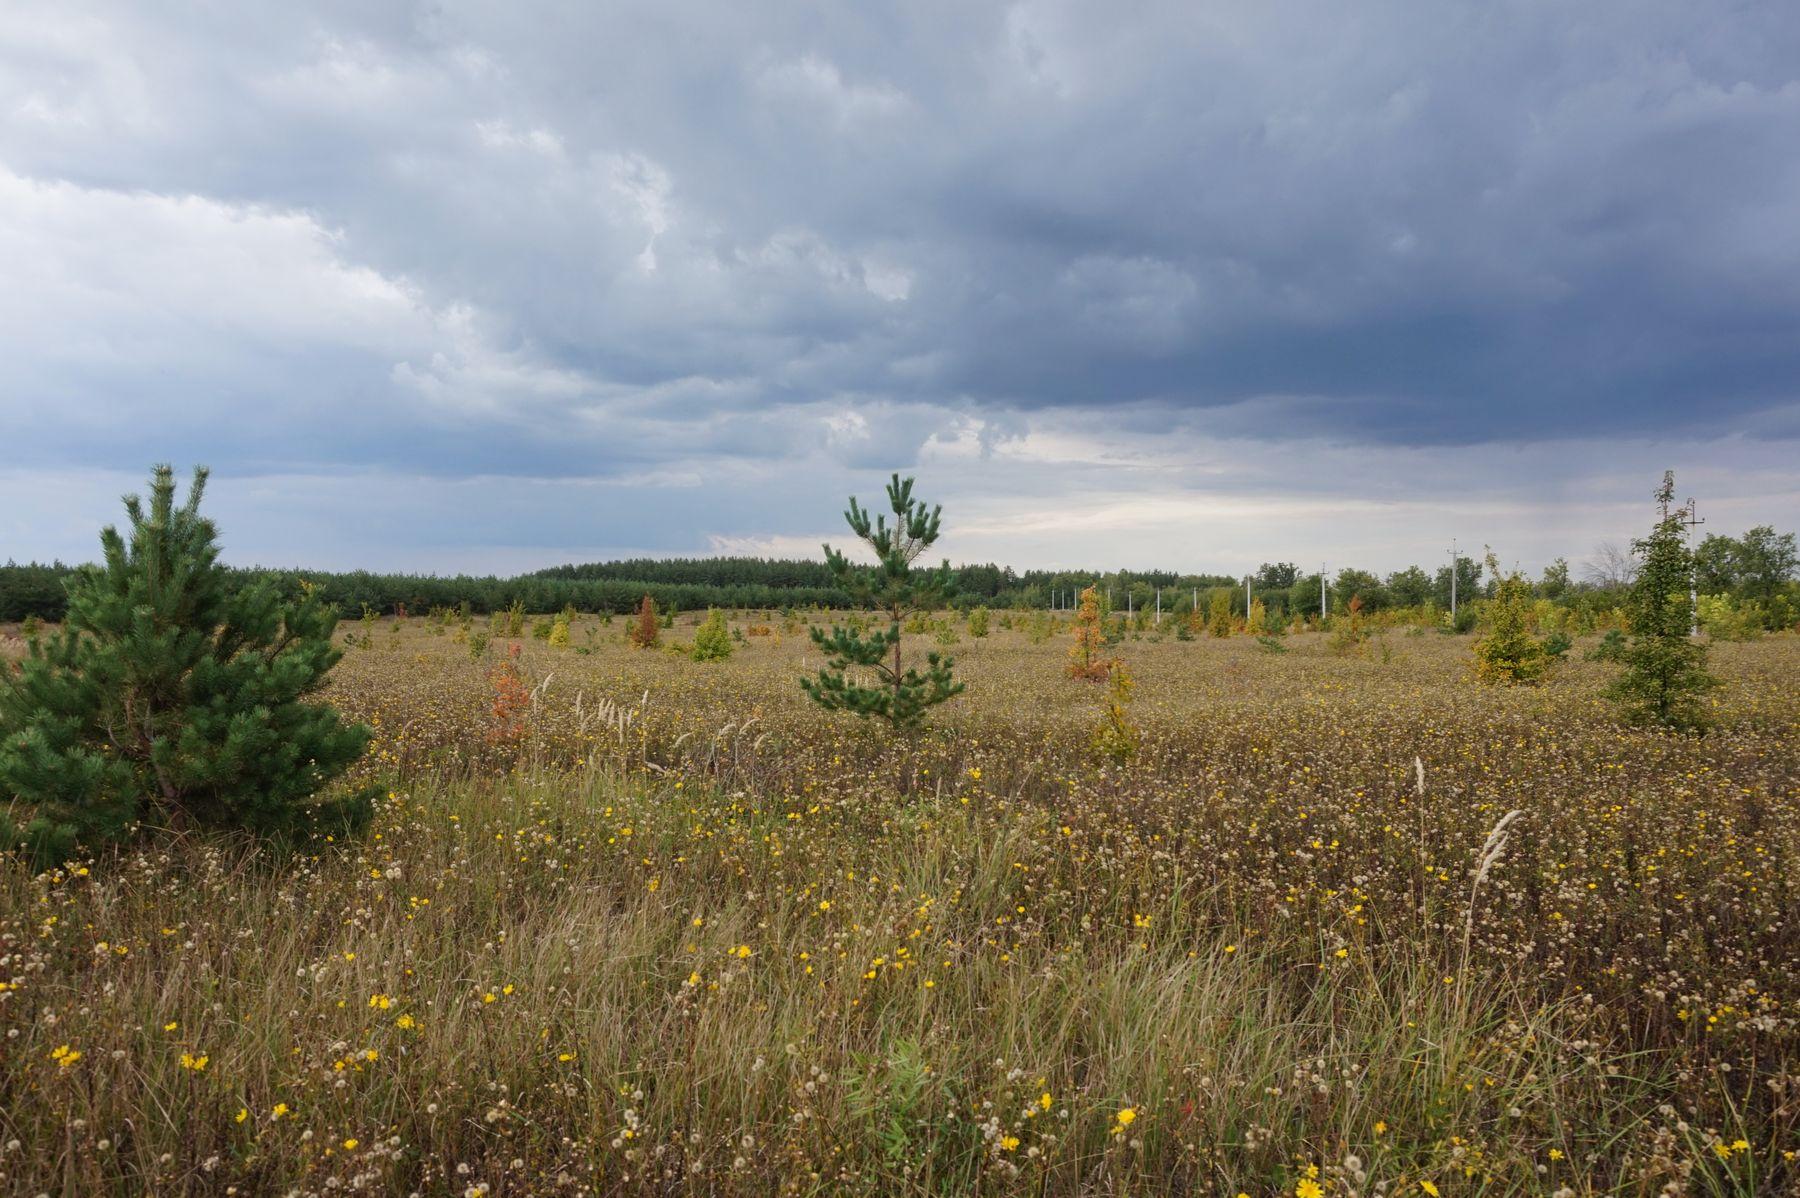 Отцветают цветочки, желтеют листочки... Осень вступает в свои права. Пейзаж осень